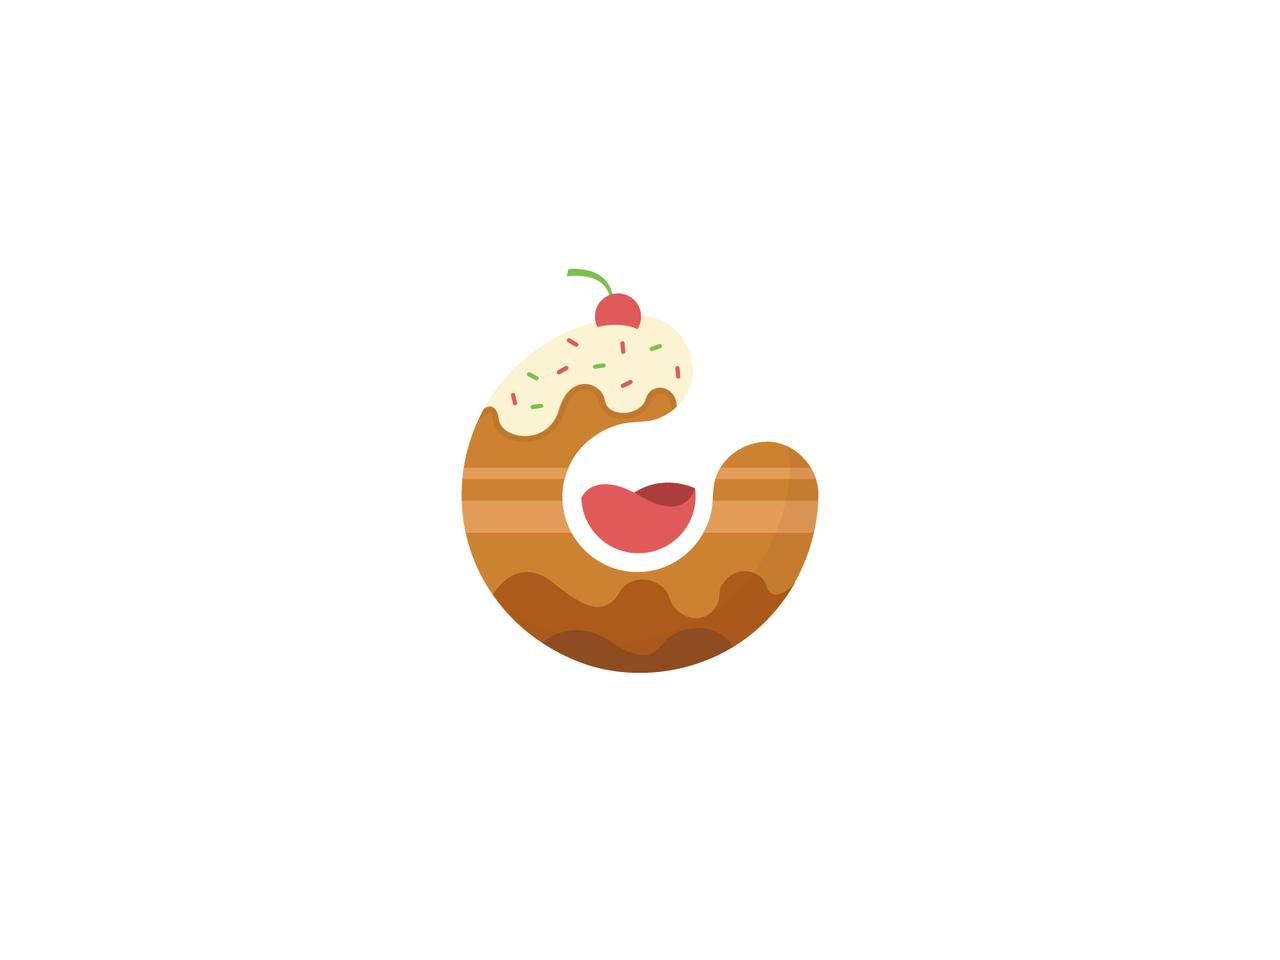 C cake logo